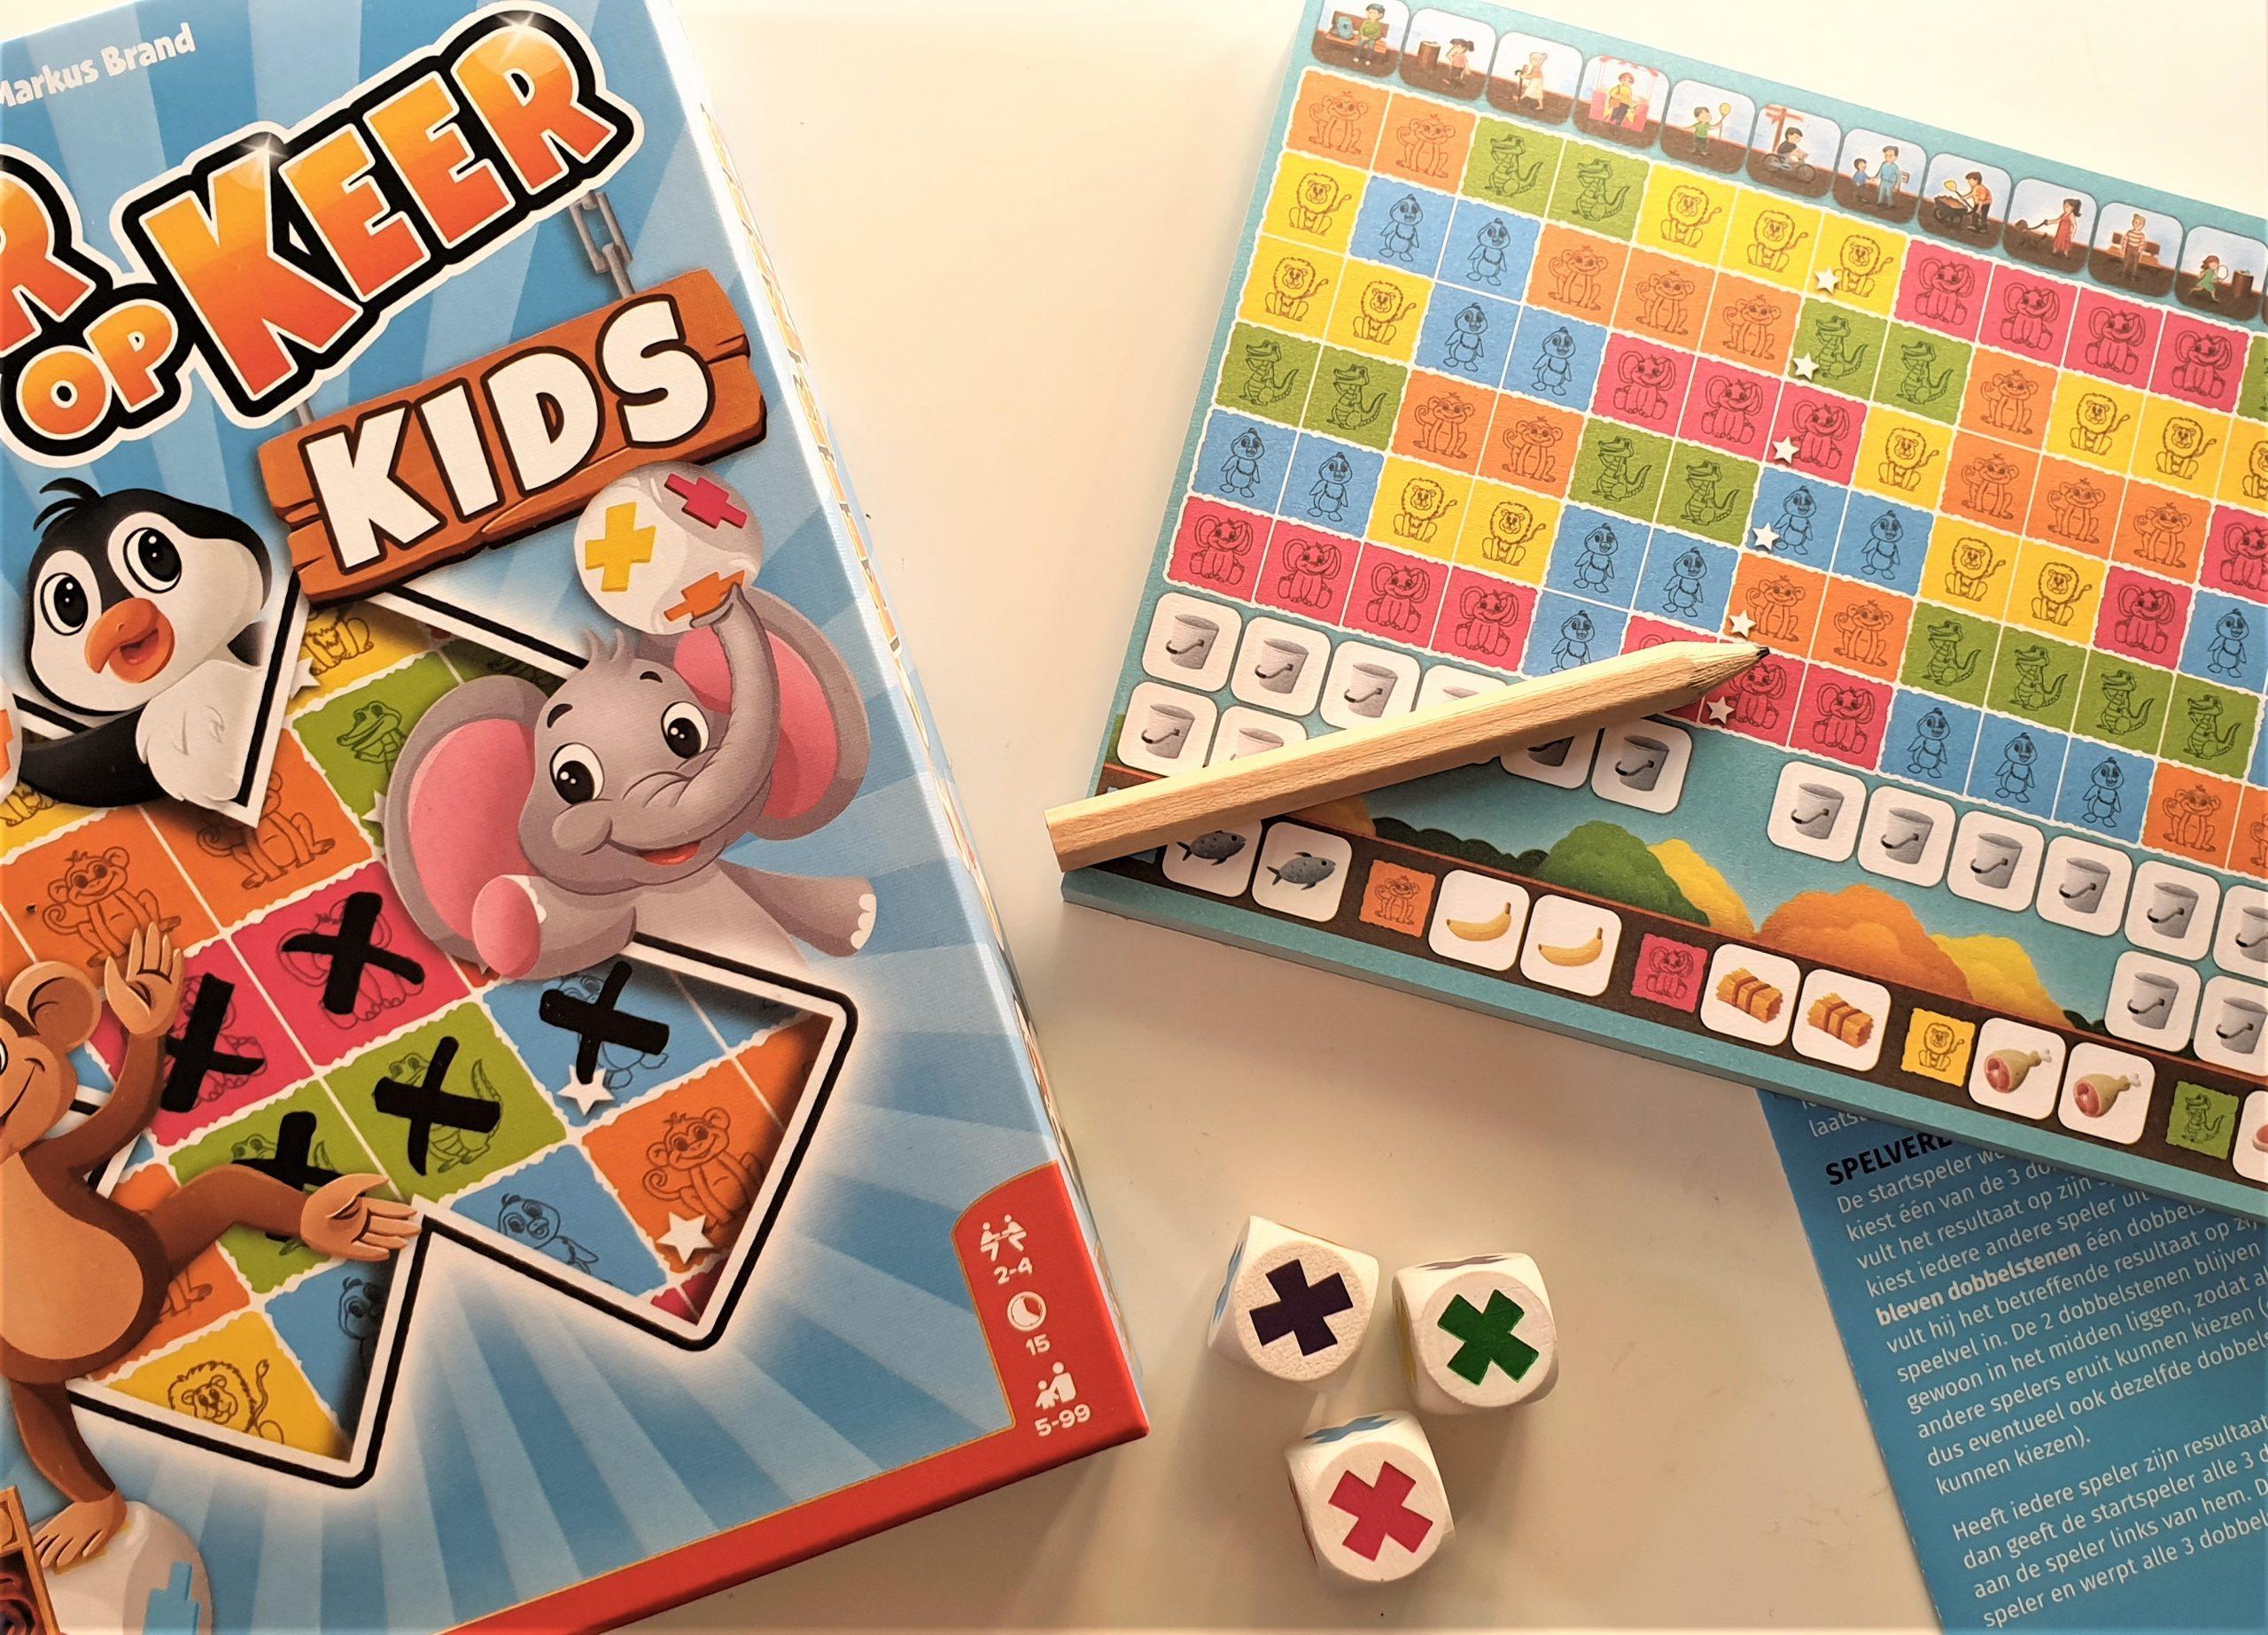 review Keer op keer kids 999 games speelgoed van het jaar